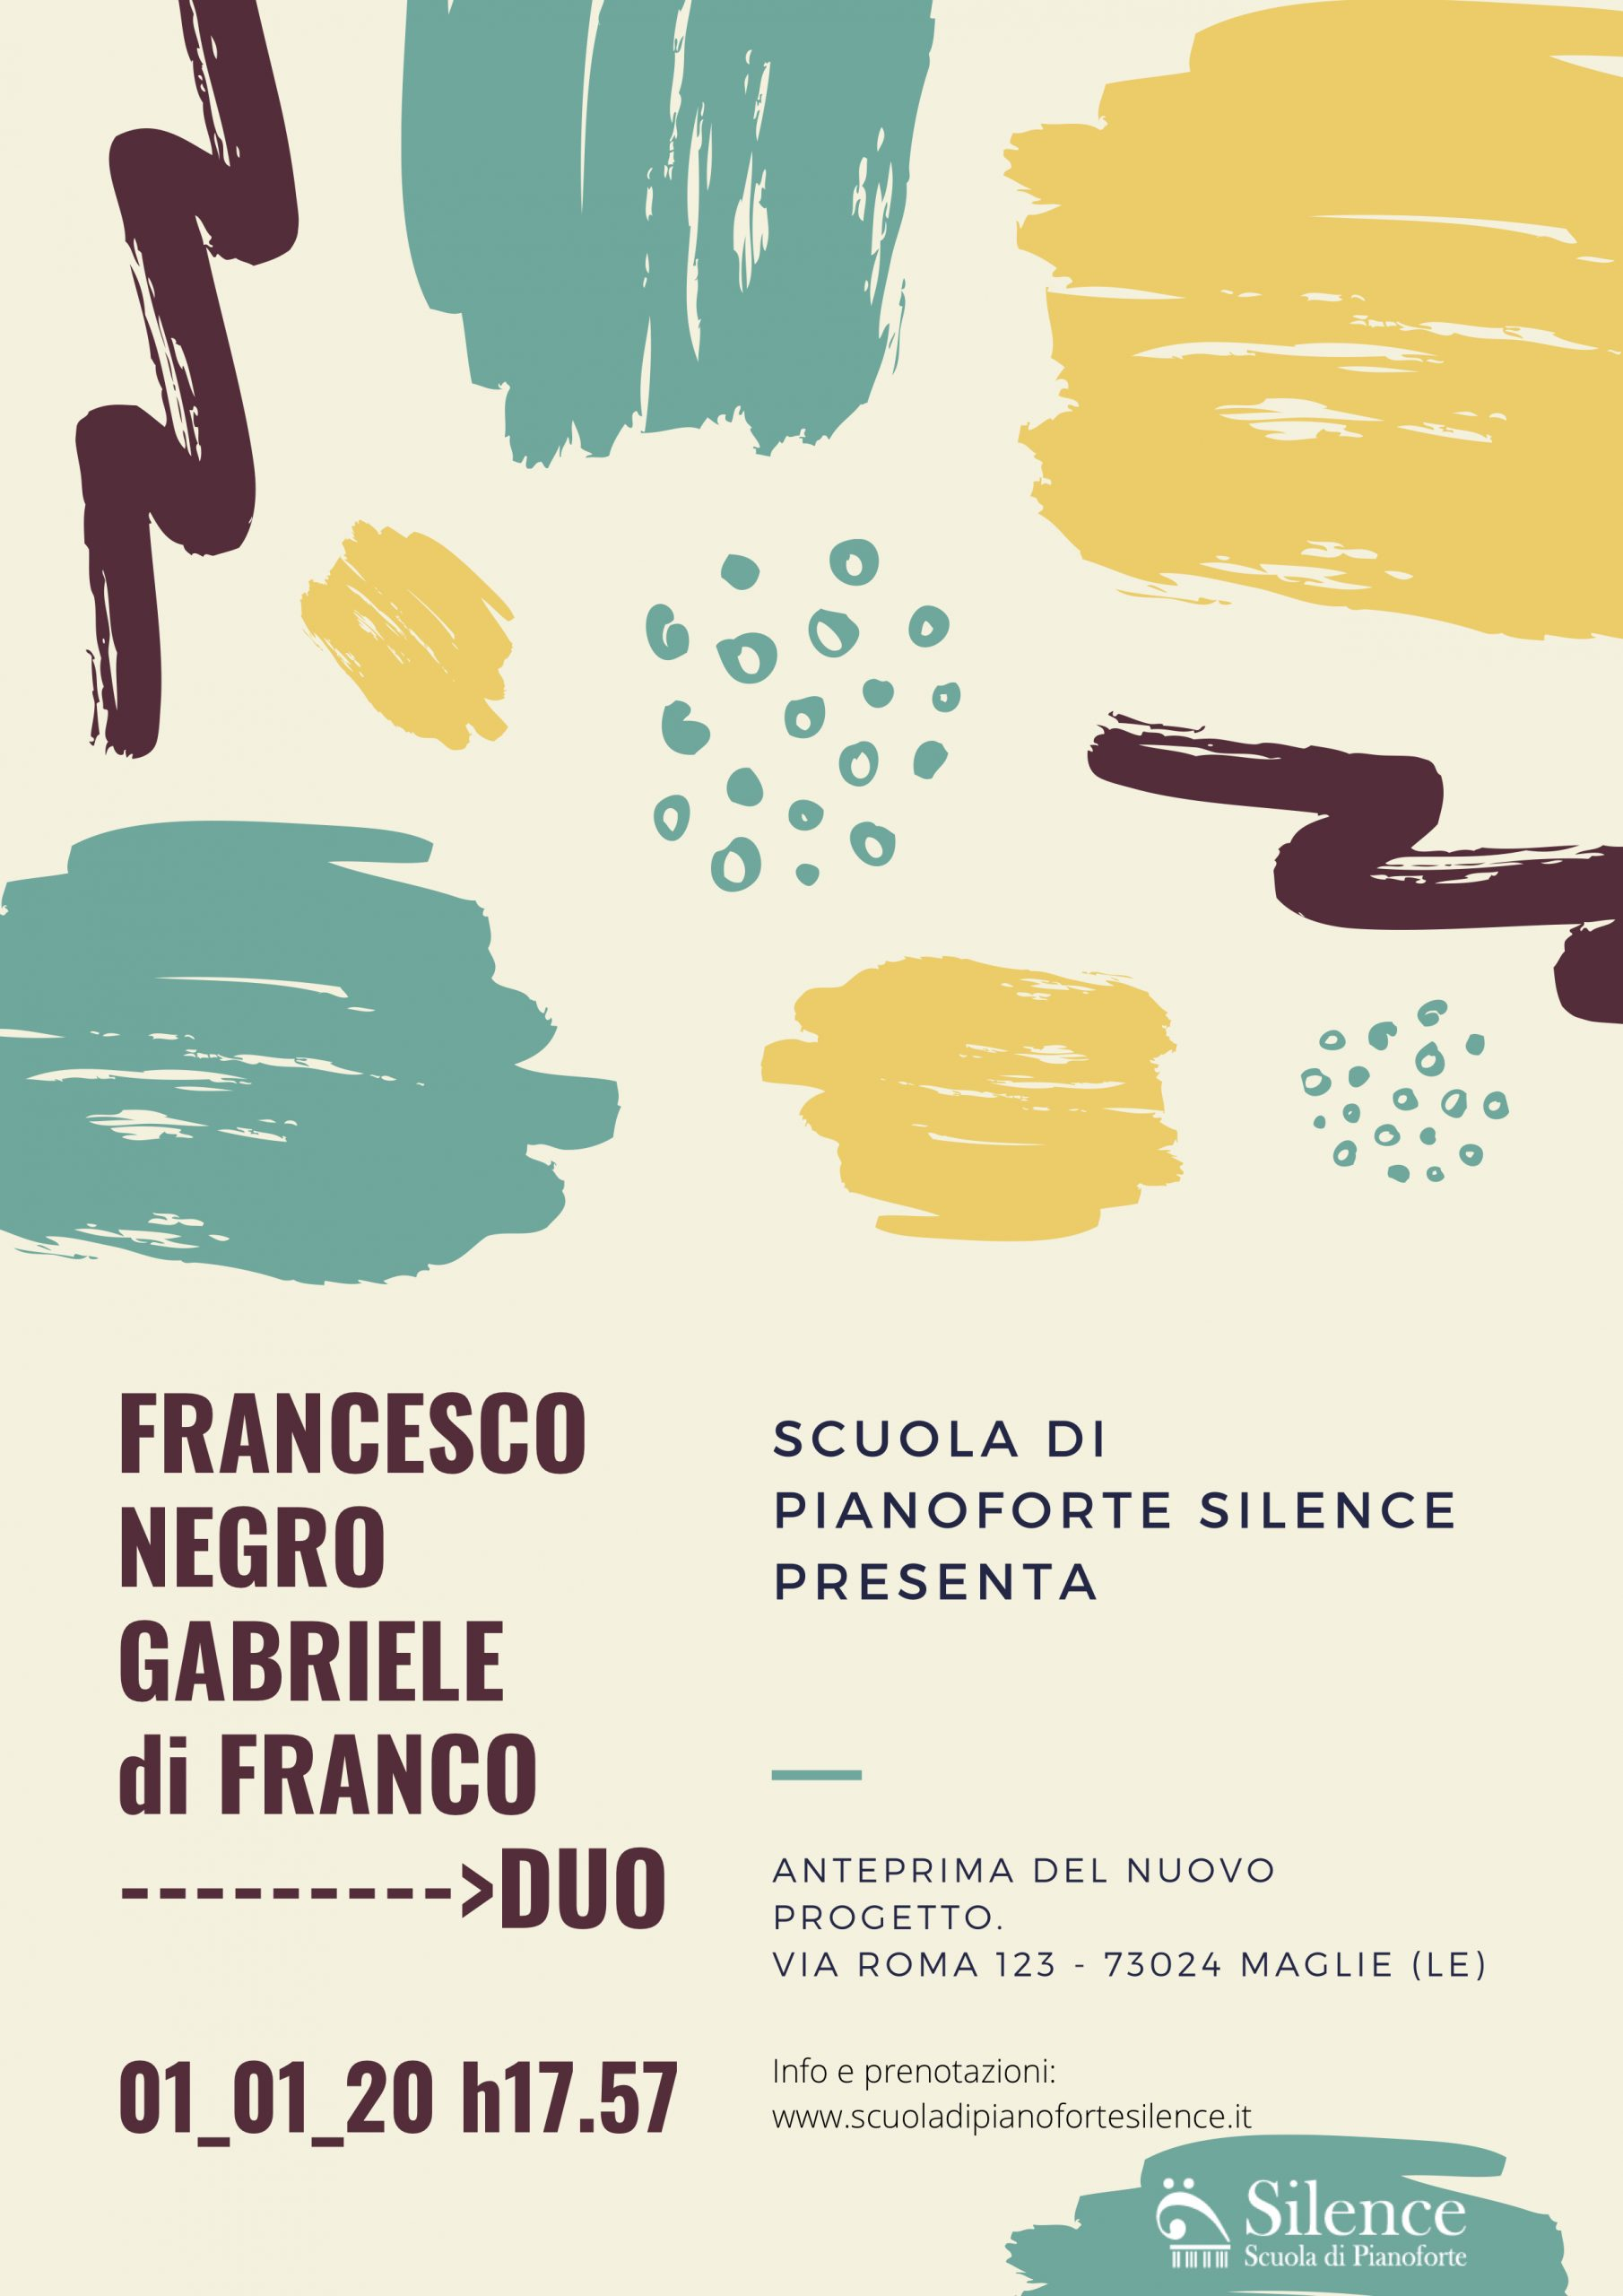 POSTER Negro di Franco duo 010120